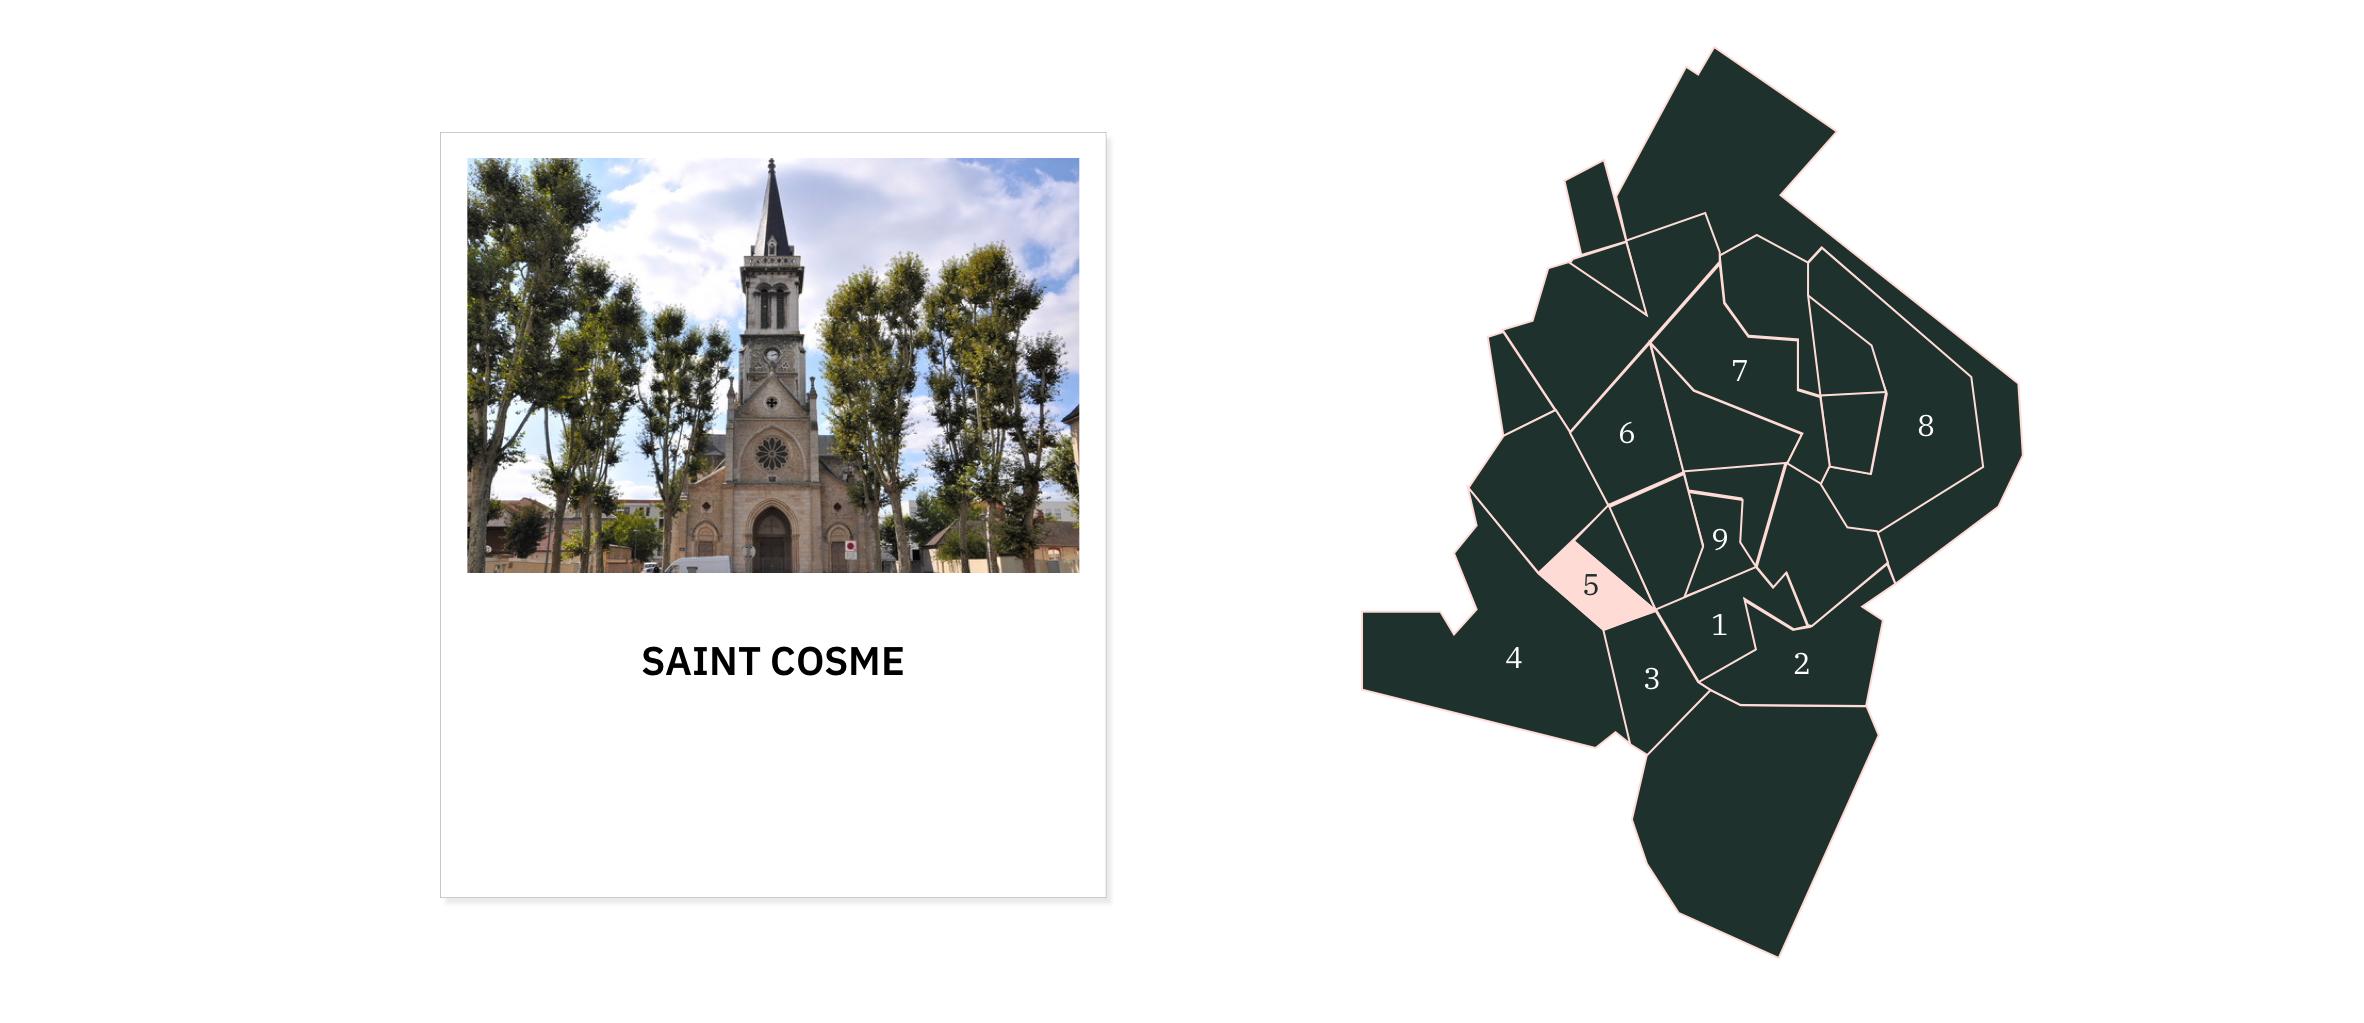 Saint-Cosme ⎮ Quartiers de Chalon-sur-Saône